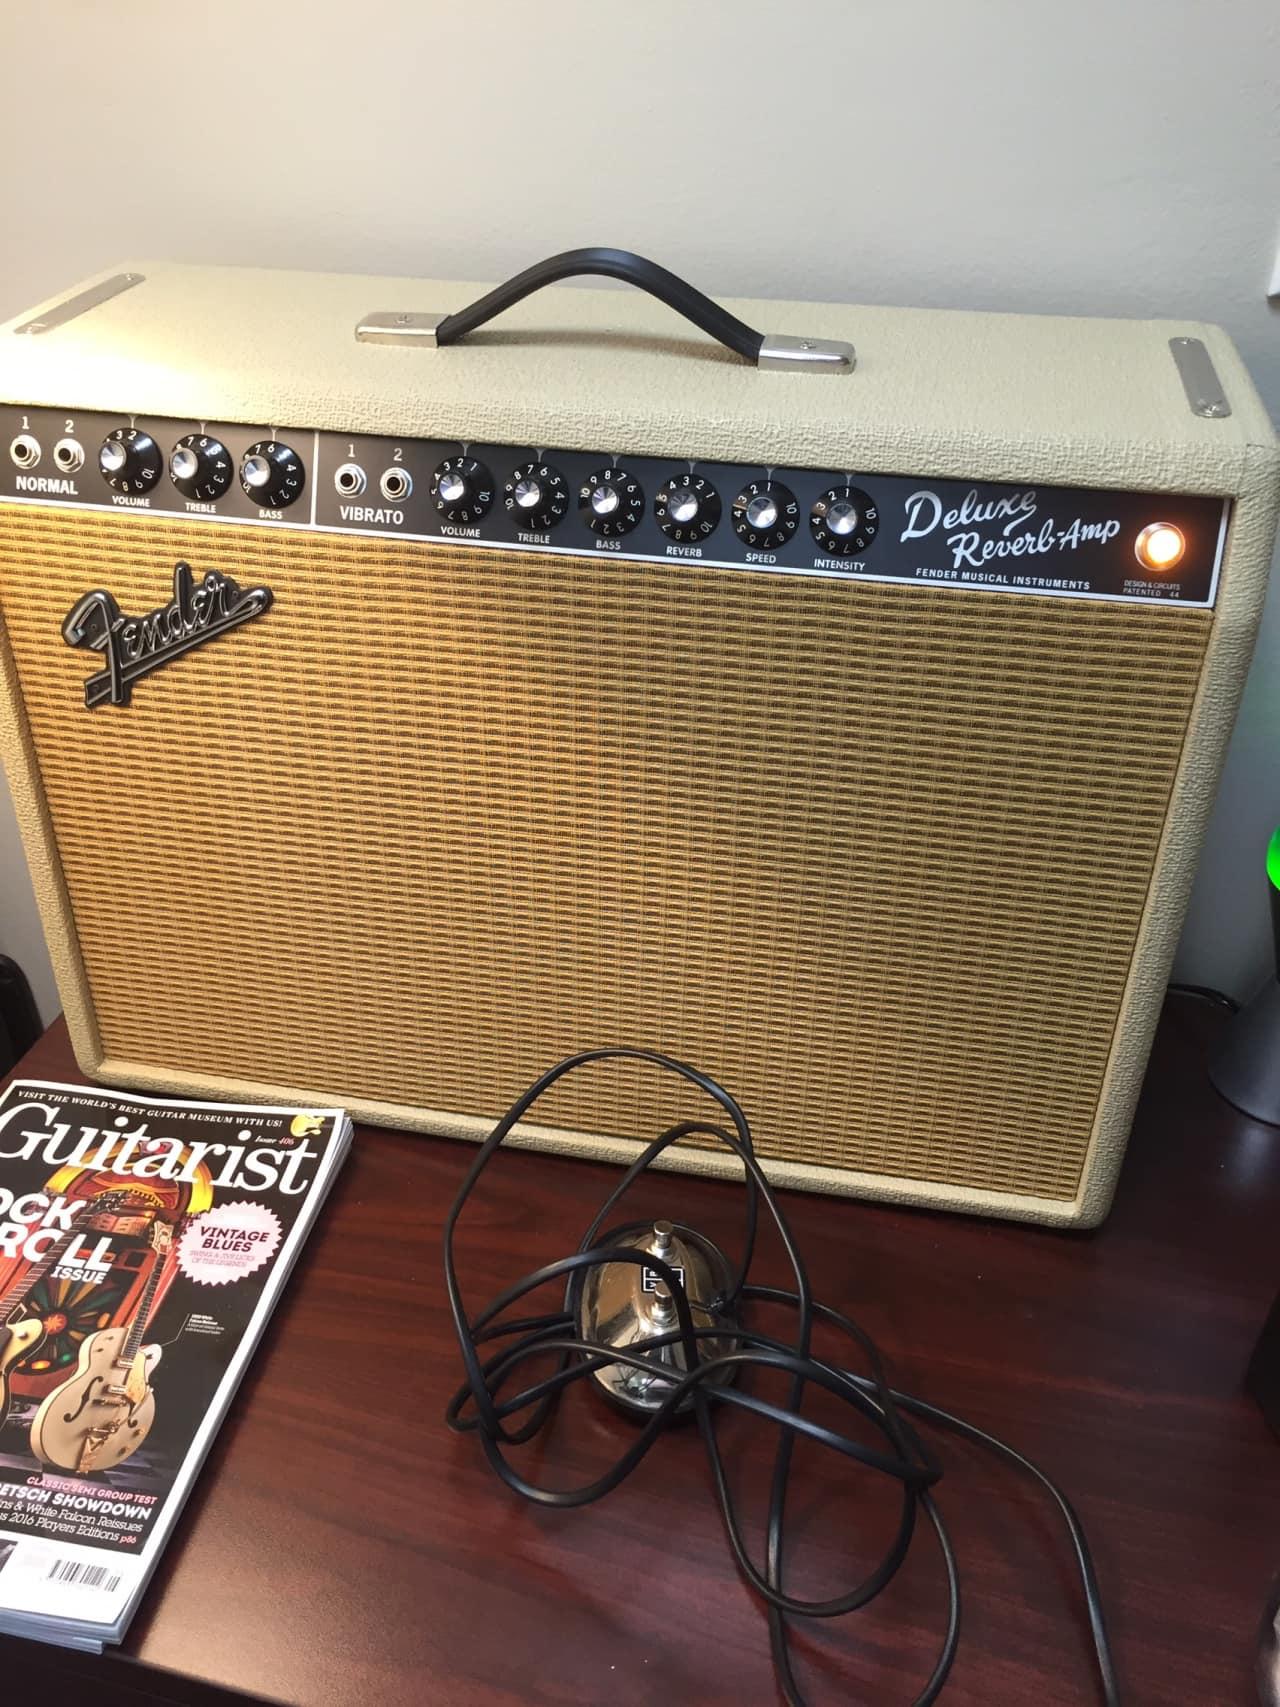 Fender deluxe reverb reissue user Manual on